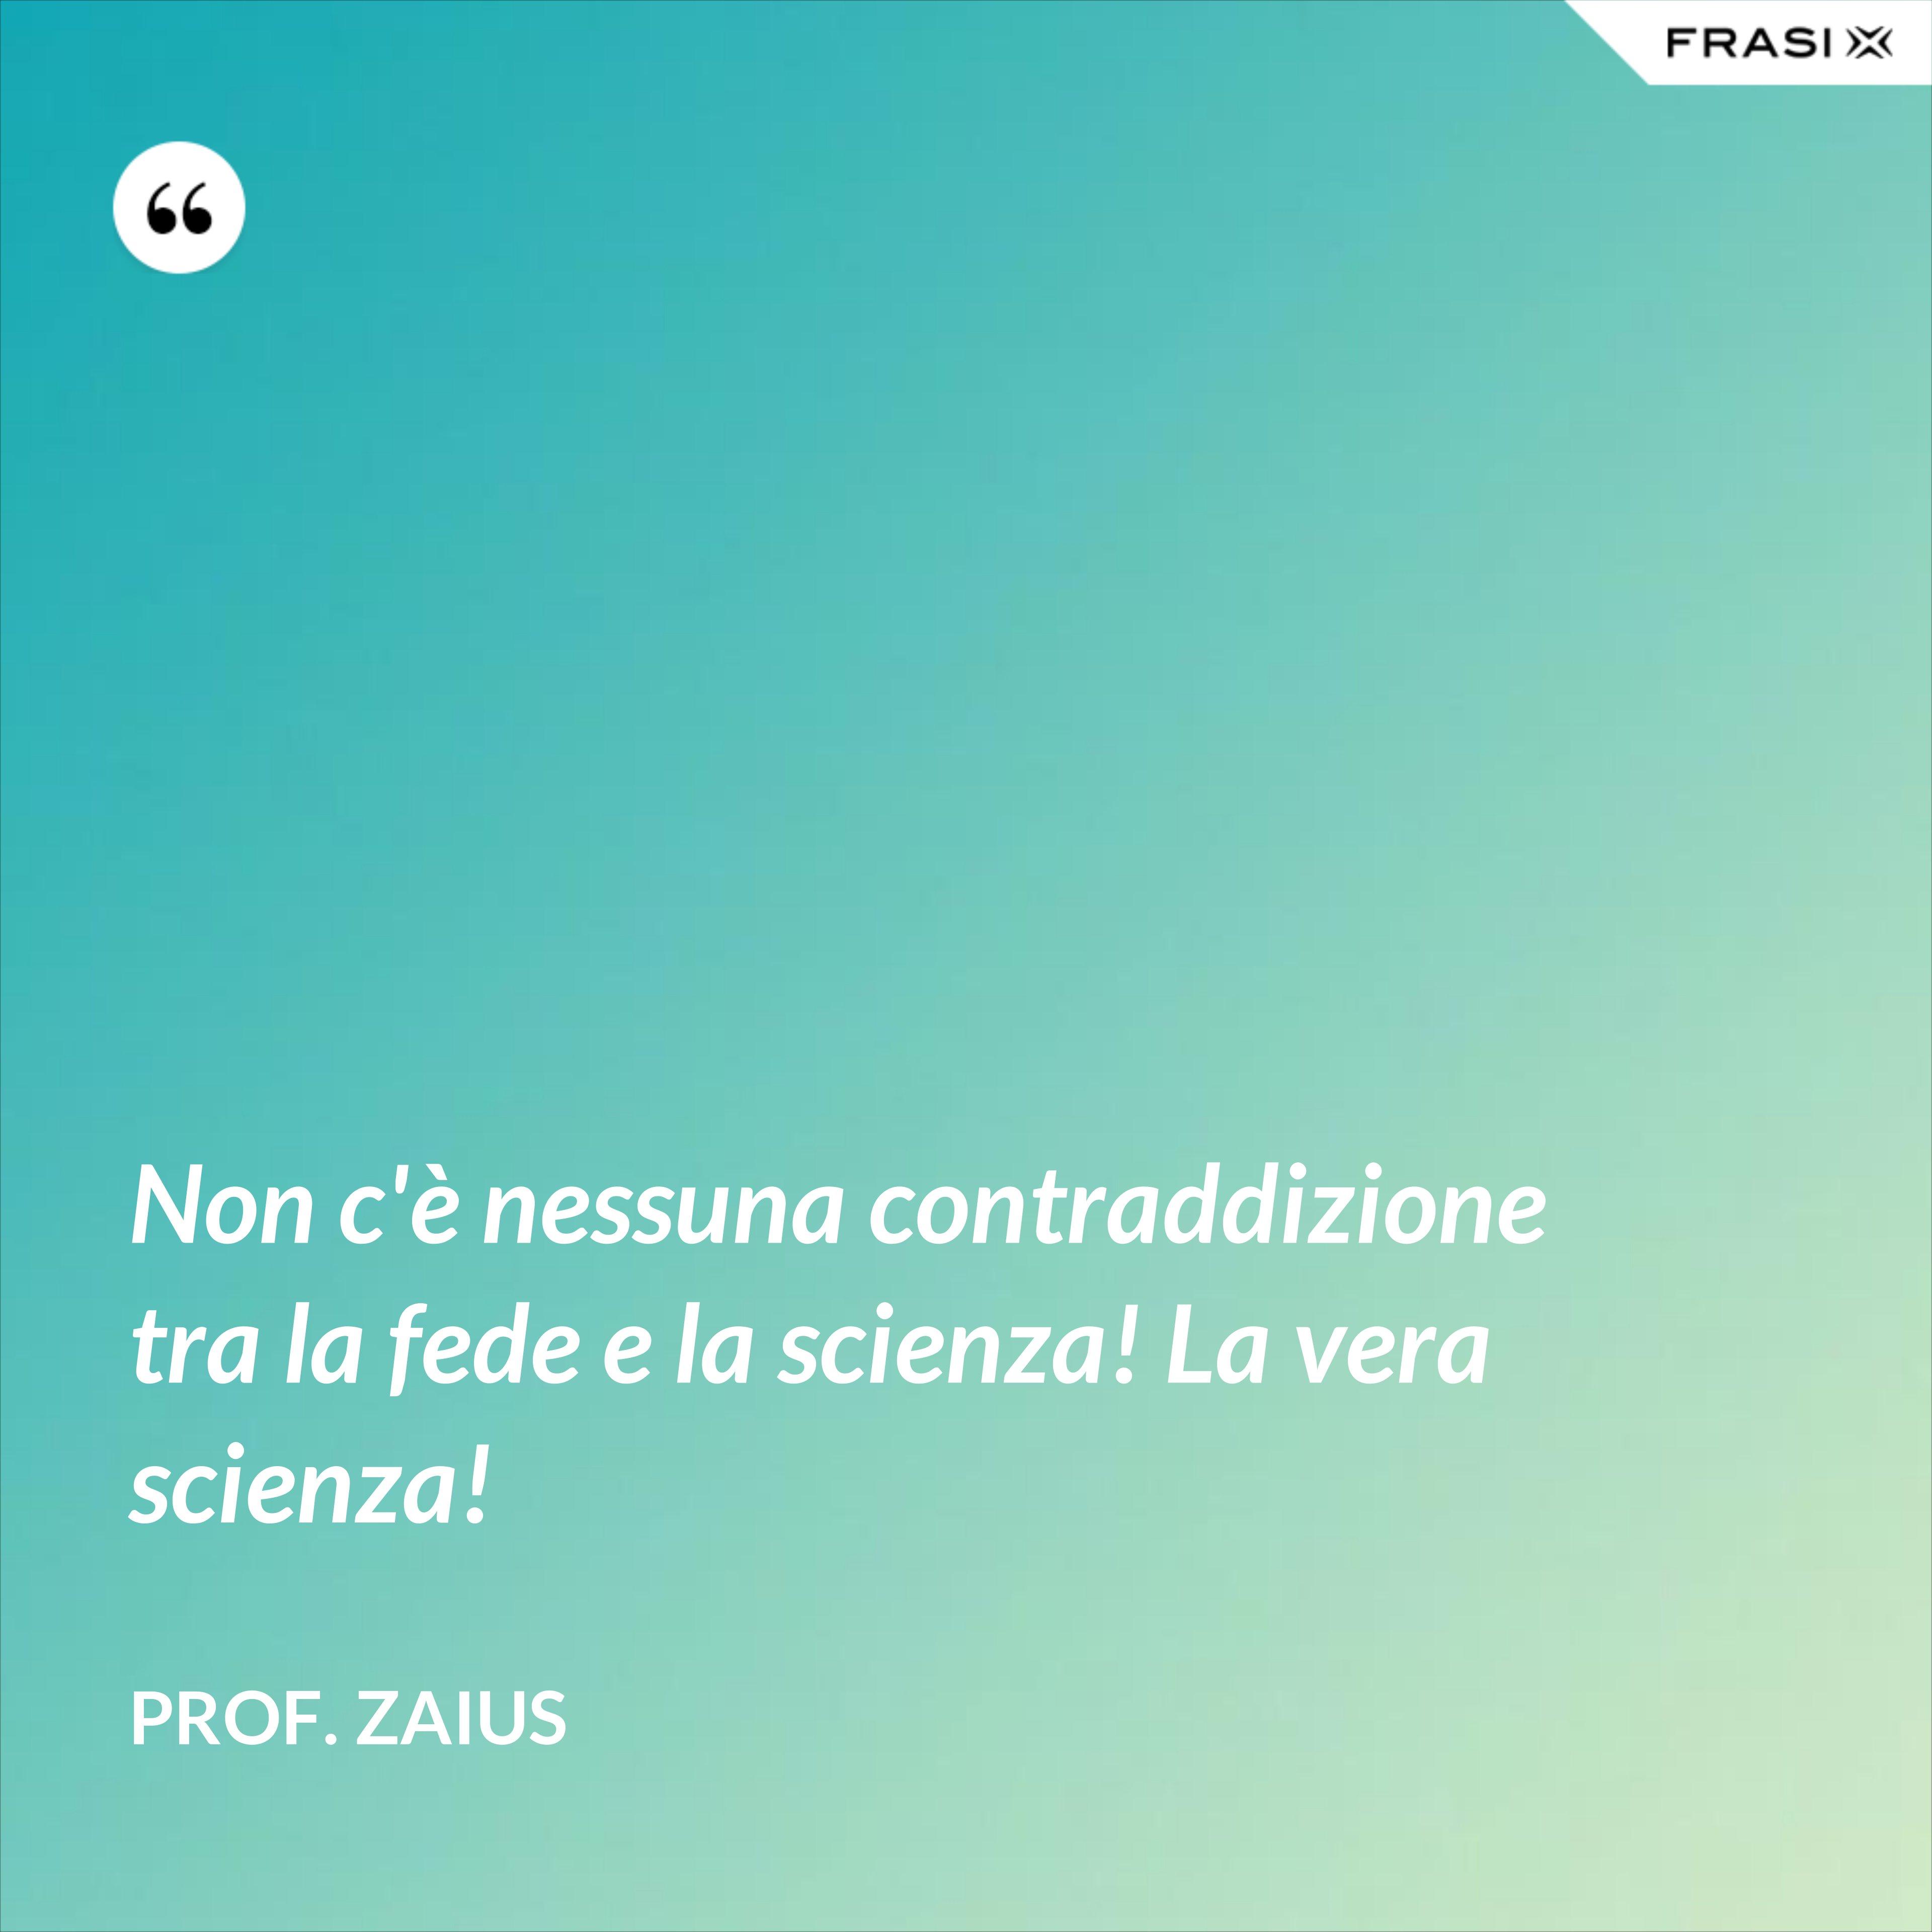 Non c'è nessuna contraddizione tra la fede e la scienza! La vera scienza! - Prof. Zaius